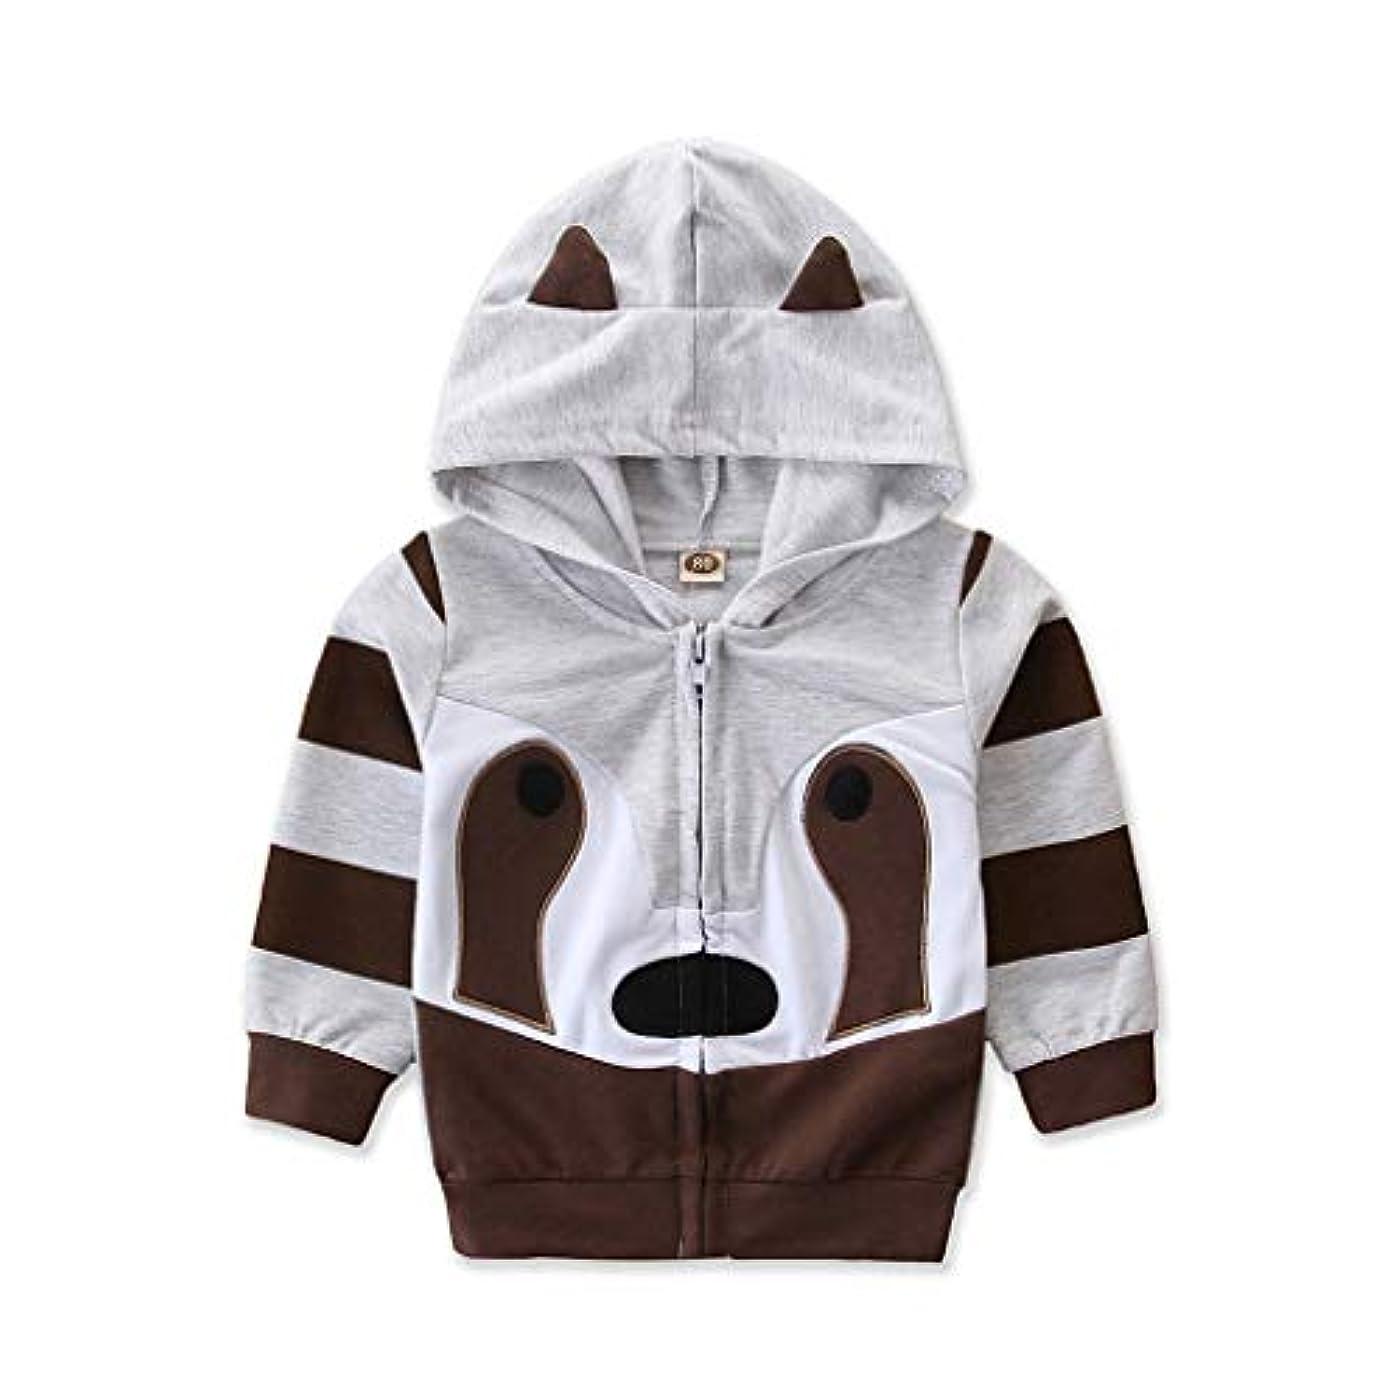 どこでも到着証明REWAGO 幼児子供女の赤ちゃん男の子フード付き漫画スウェットシャツ動物コート衣装生き抜く女の子子動物コートインアニマルシェイプコート